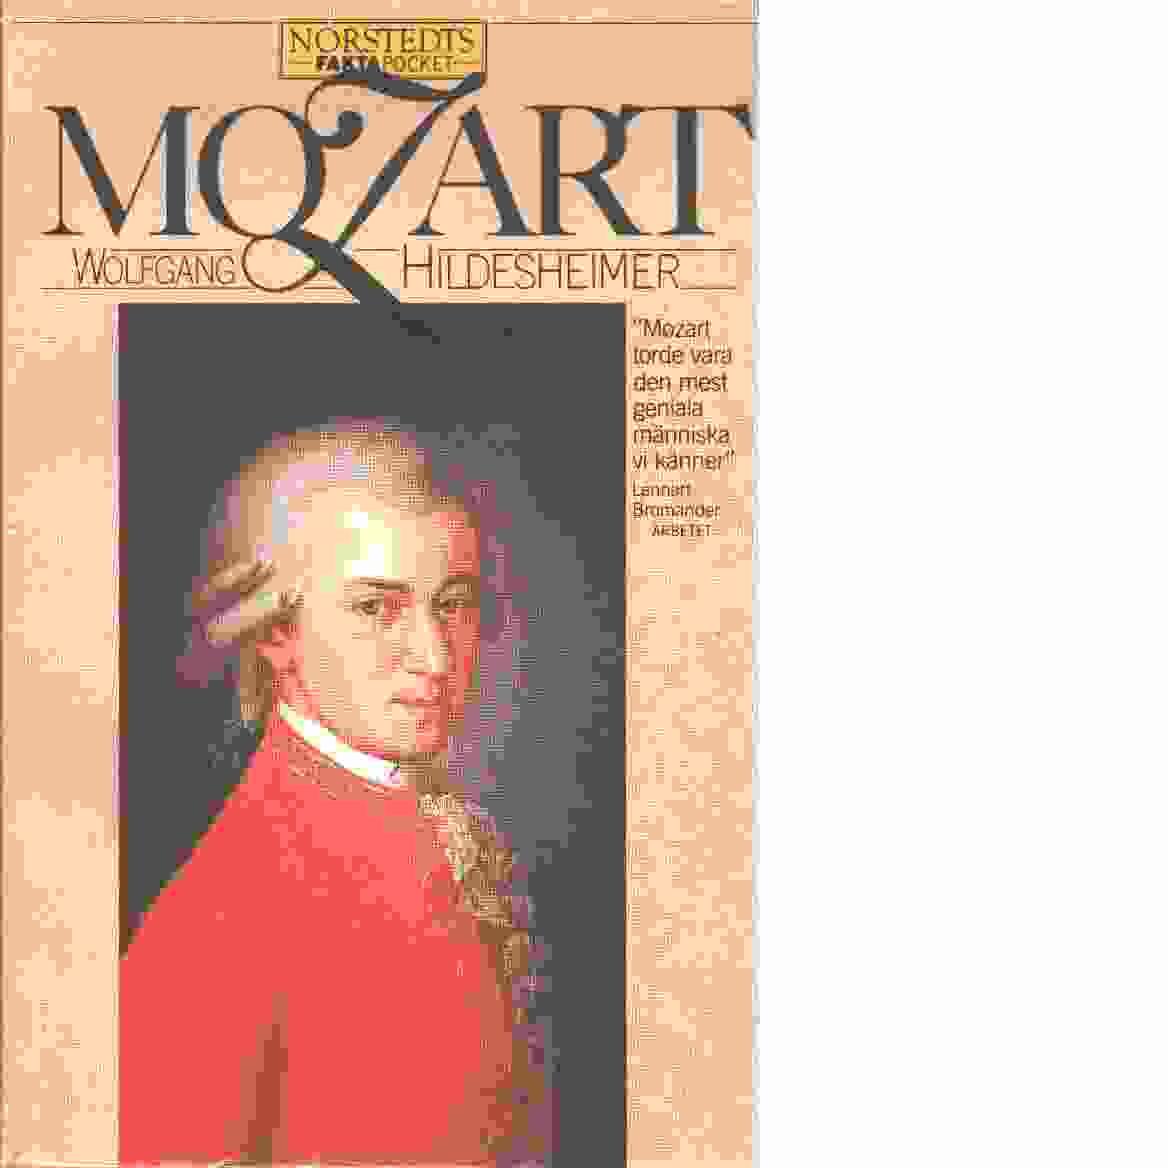 Mozart - Hildesheimer, Wolfgang